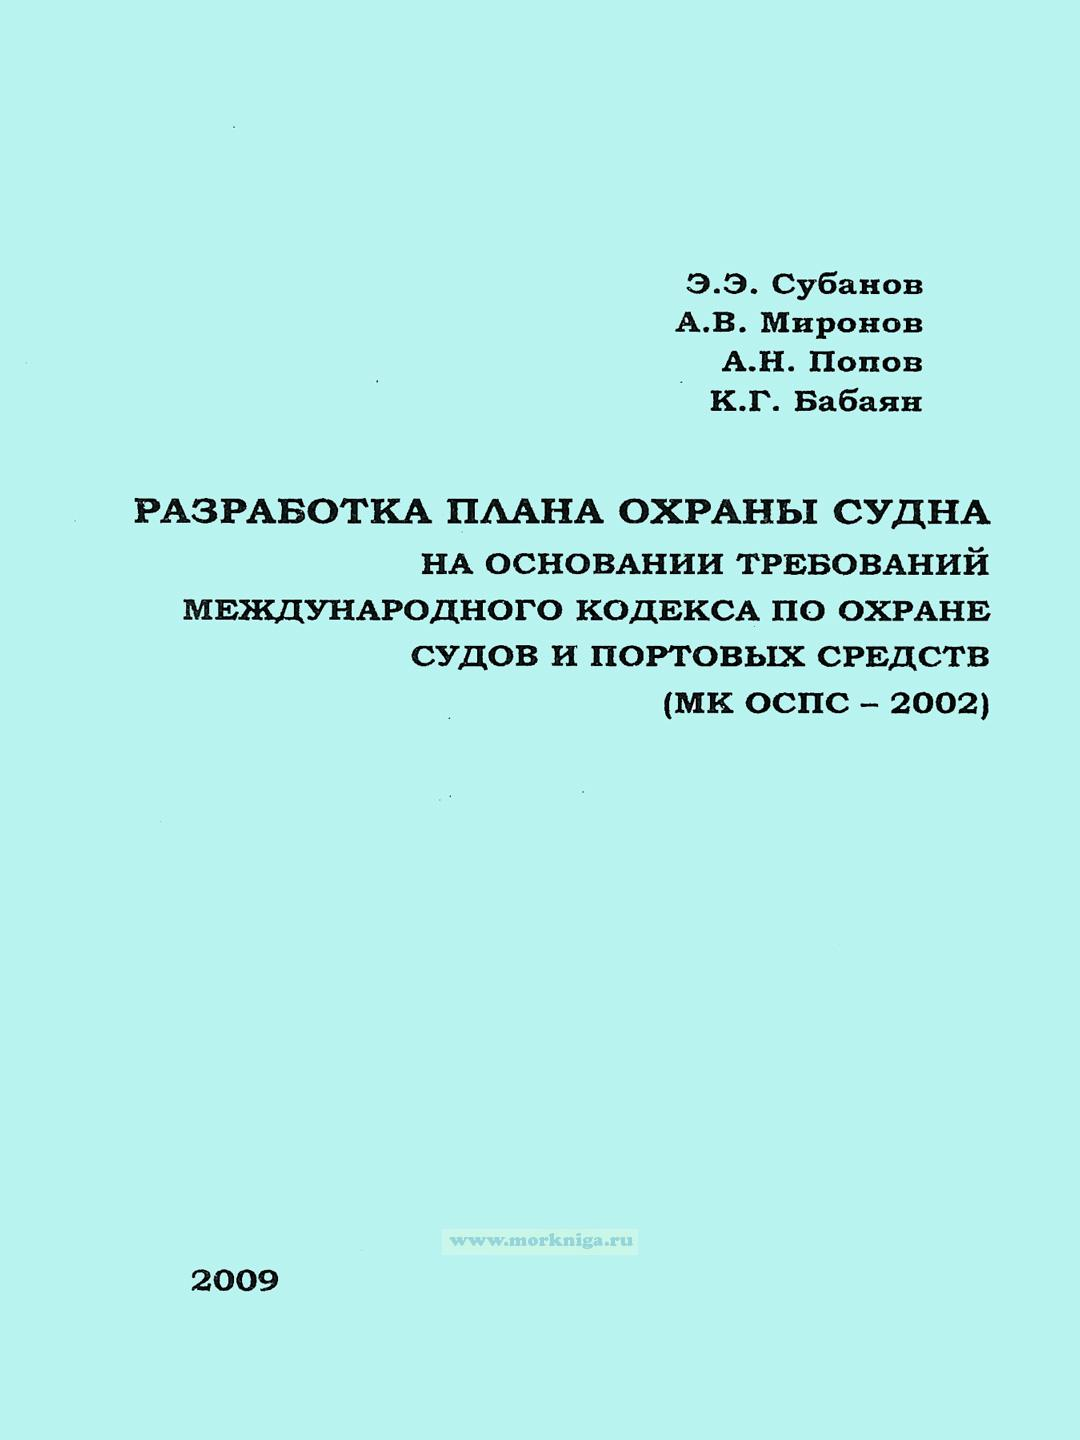 Разработка плана охраны судна на основании требований международного кодекса по охране судов и портовых средств (МК ОСПС - 2002)